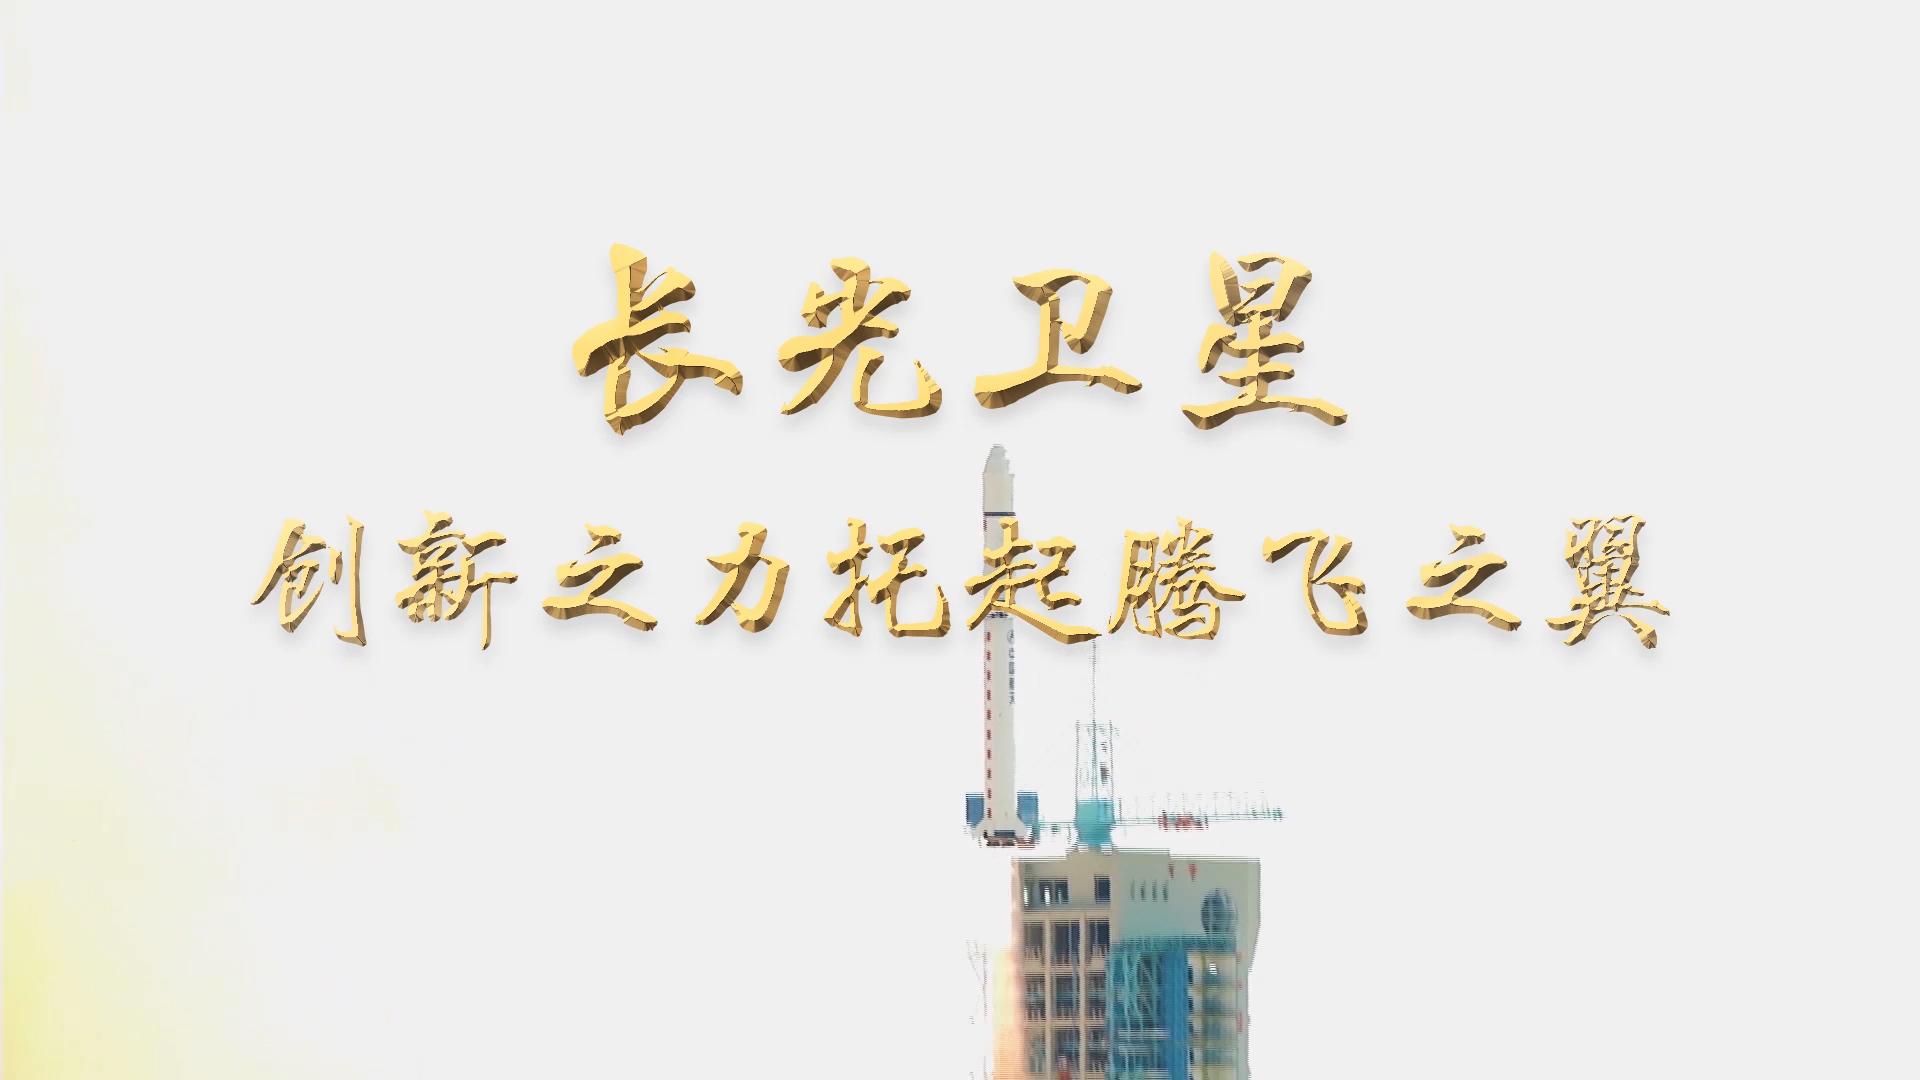 長光衛星:創新之力托起騰飛之翼